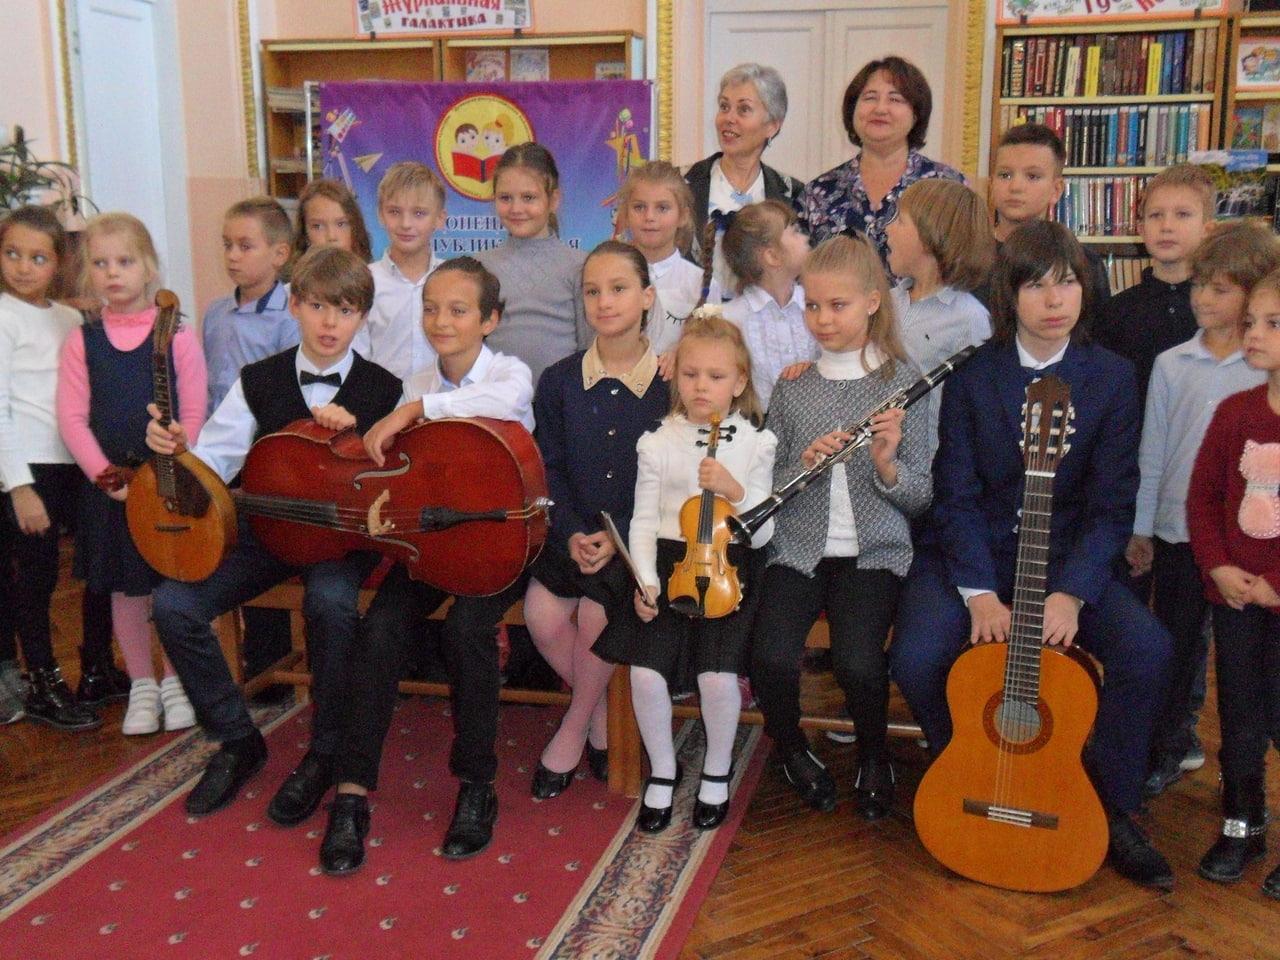 донецкая республиканская библиотека для детей, отдел искусств, с библиотекой интересно, занятия со школьниками, музыкальные инструменты